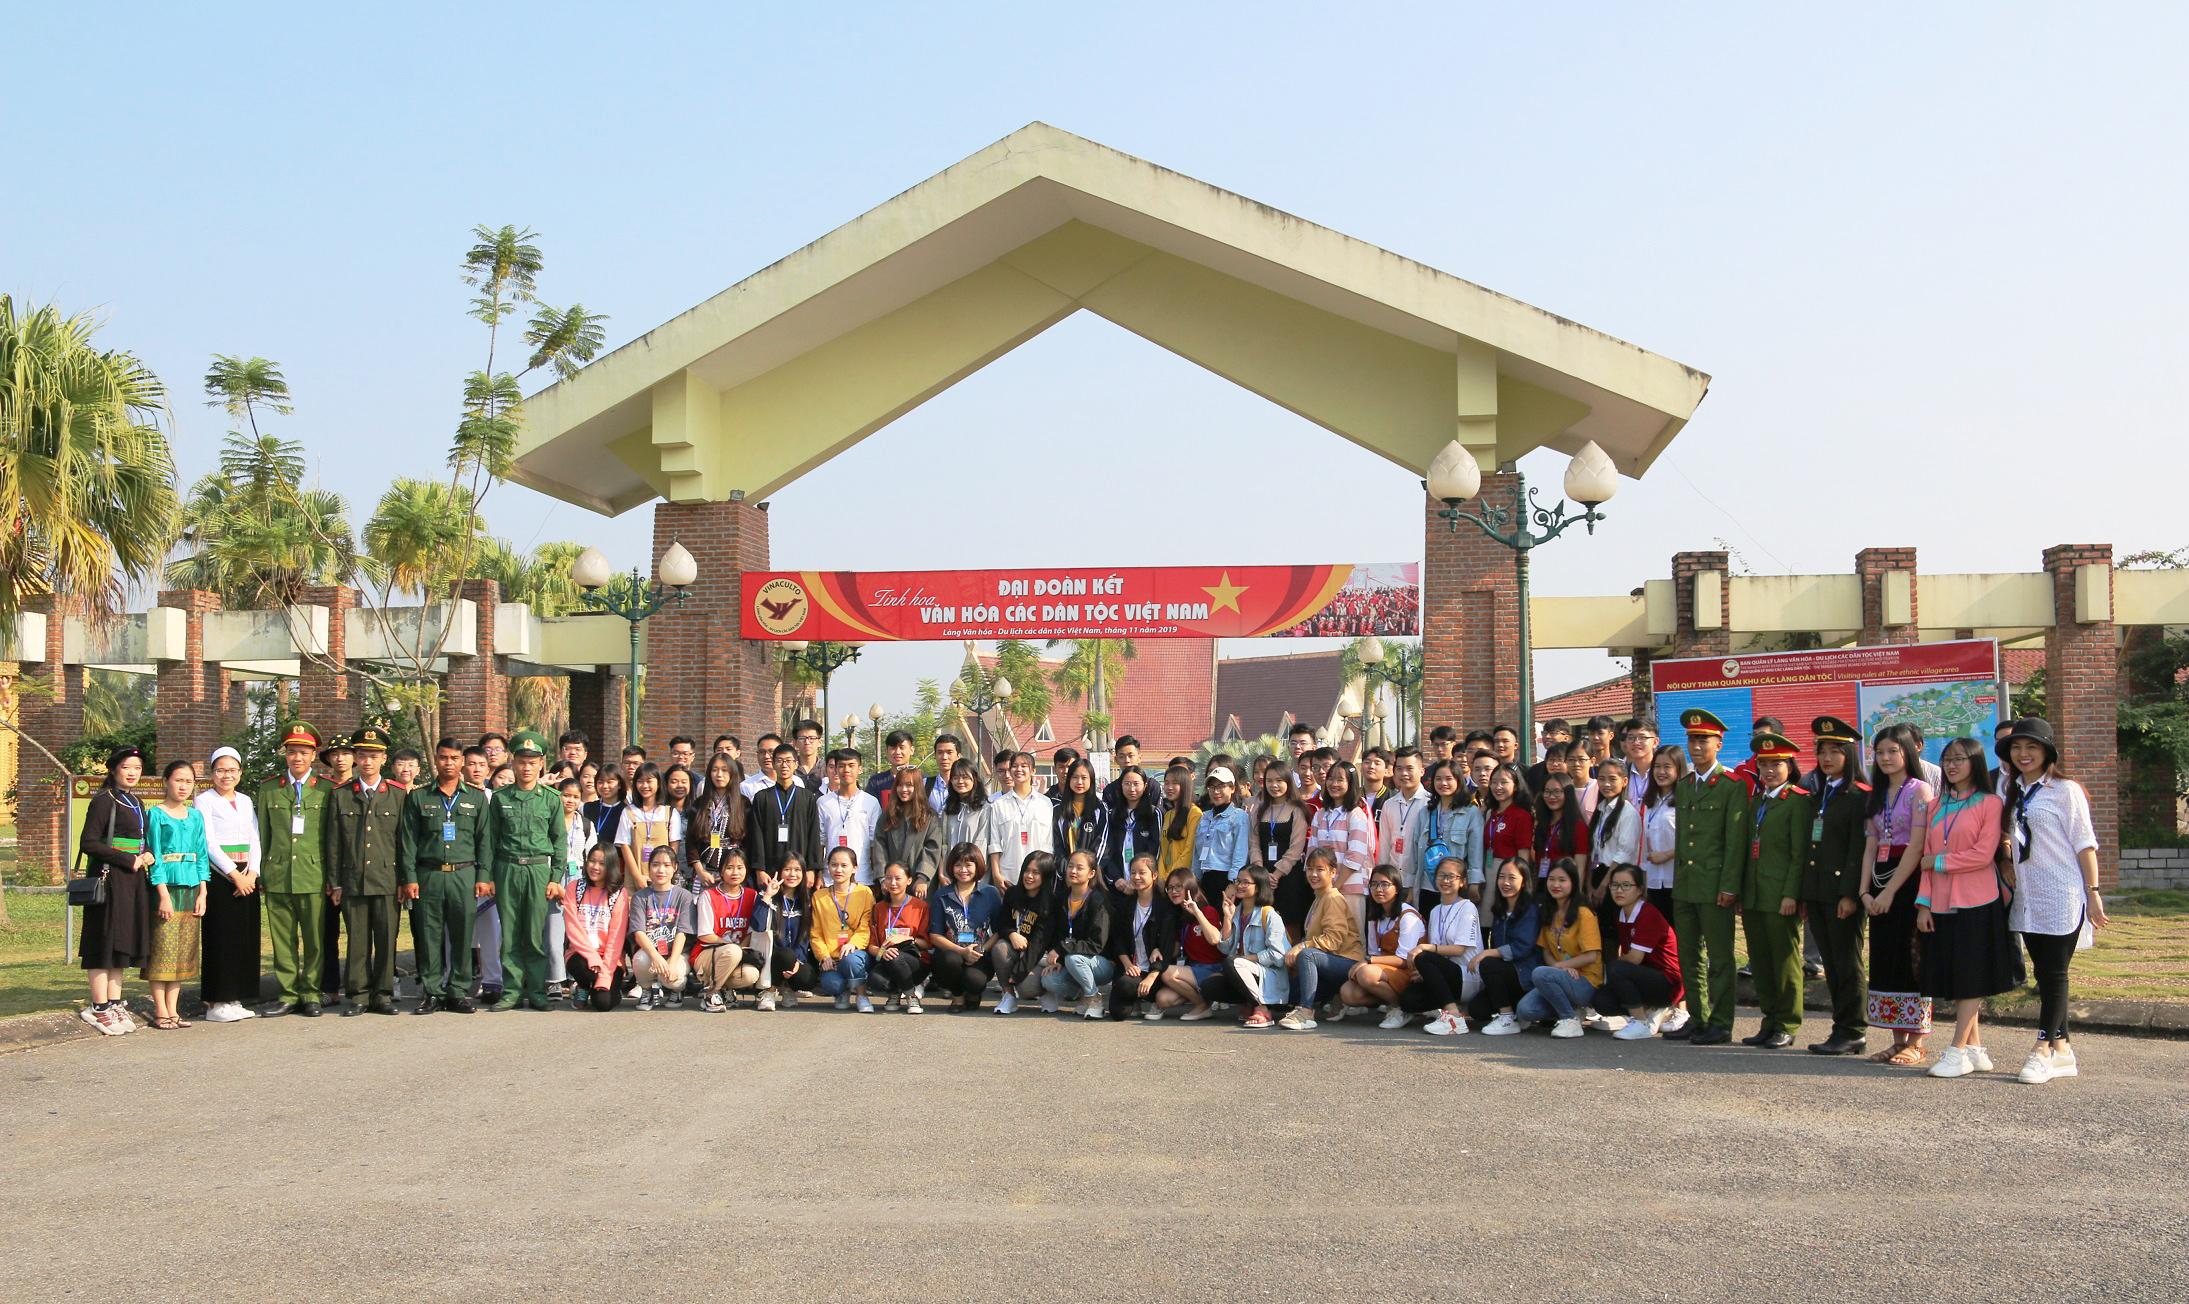 Các em học sinh, sinh viên, thanh niên DTTS tiêu biểu xuất sắc toàn quốc năm 2019 chụp ảnh lưu niệm tại Làng Văn hóa Du lịch các dân tộc Việt Nam.